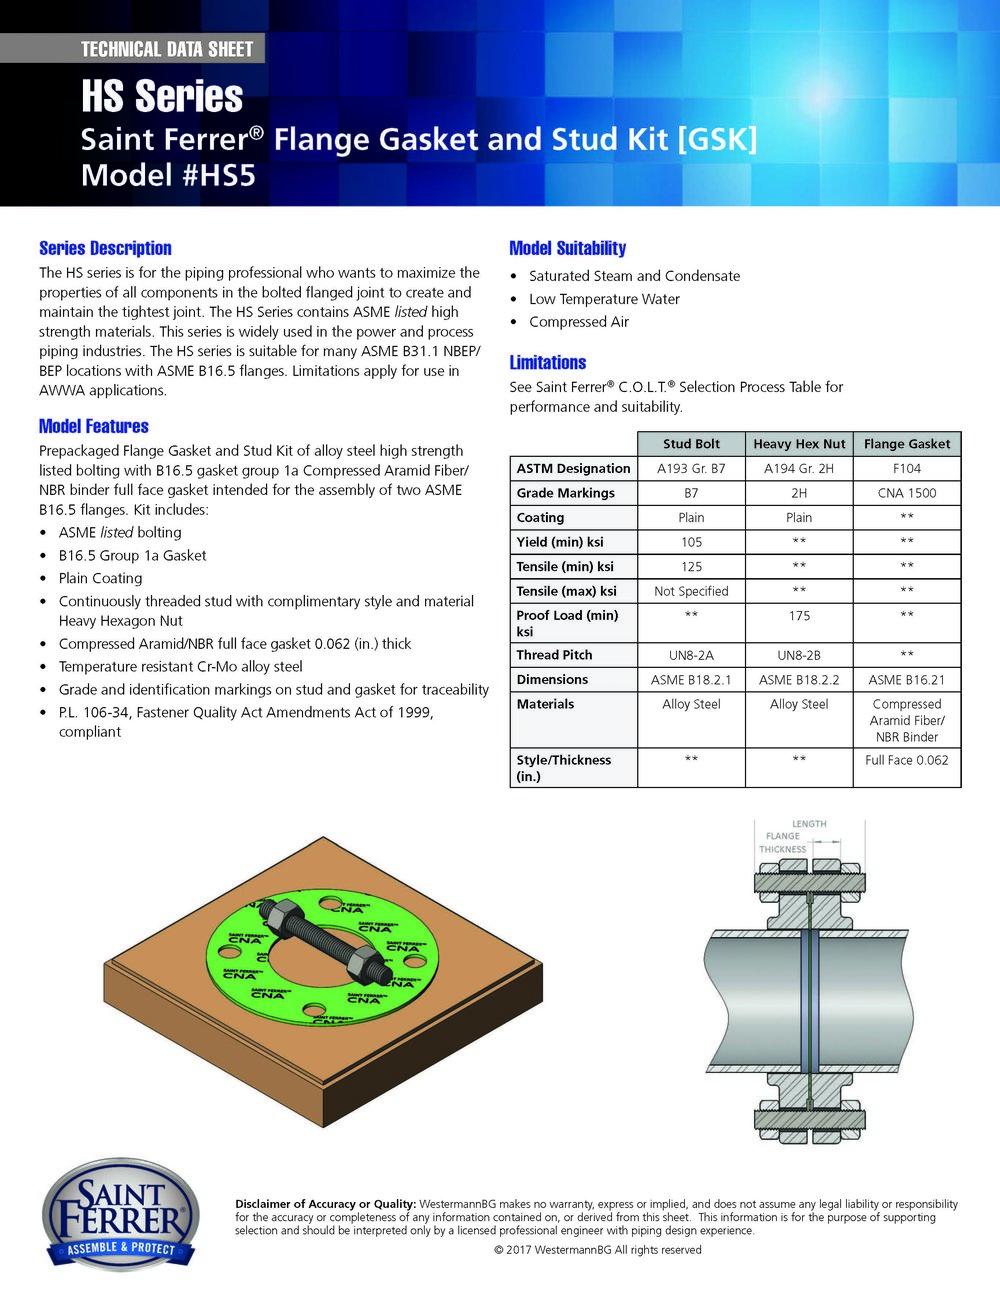 SF_Data_Sheet_HS_Series_HS5.jpg